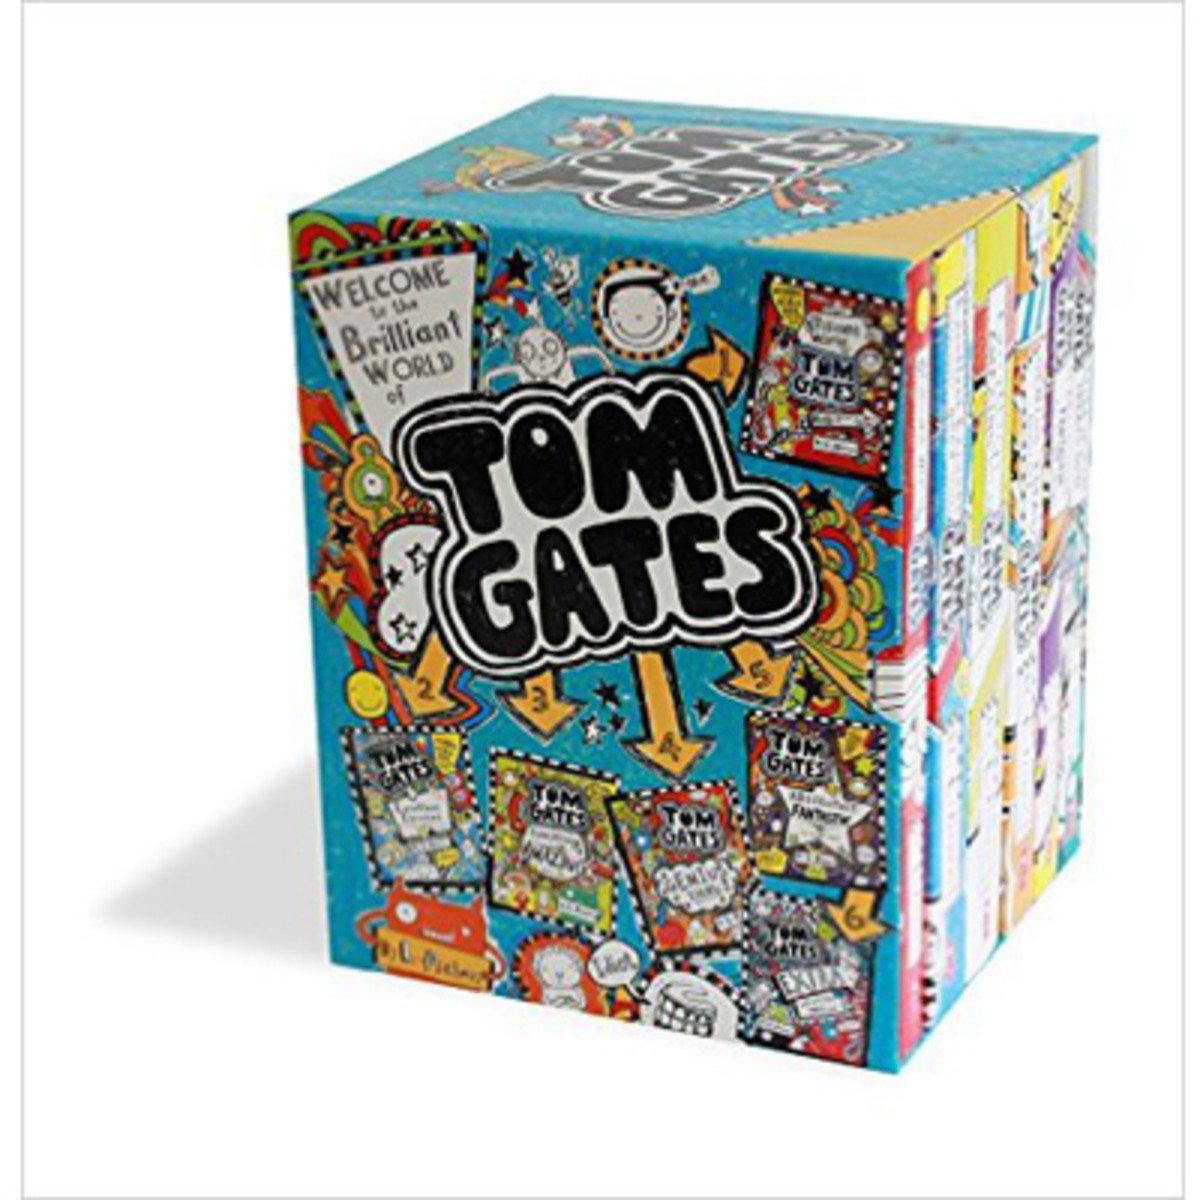 TOM GATES EXTRA SPECIAL BOX SET 9781407148779